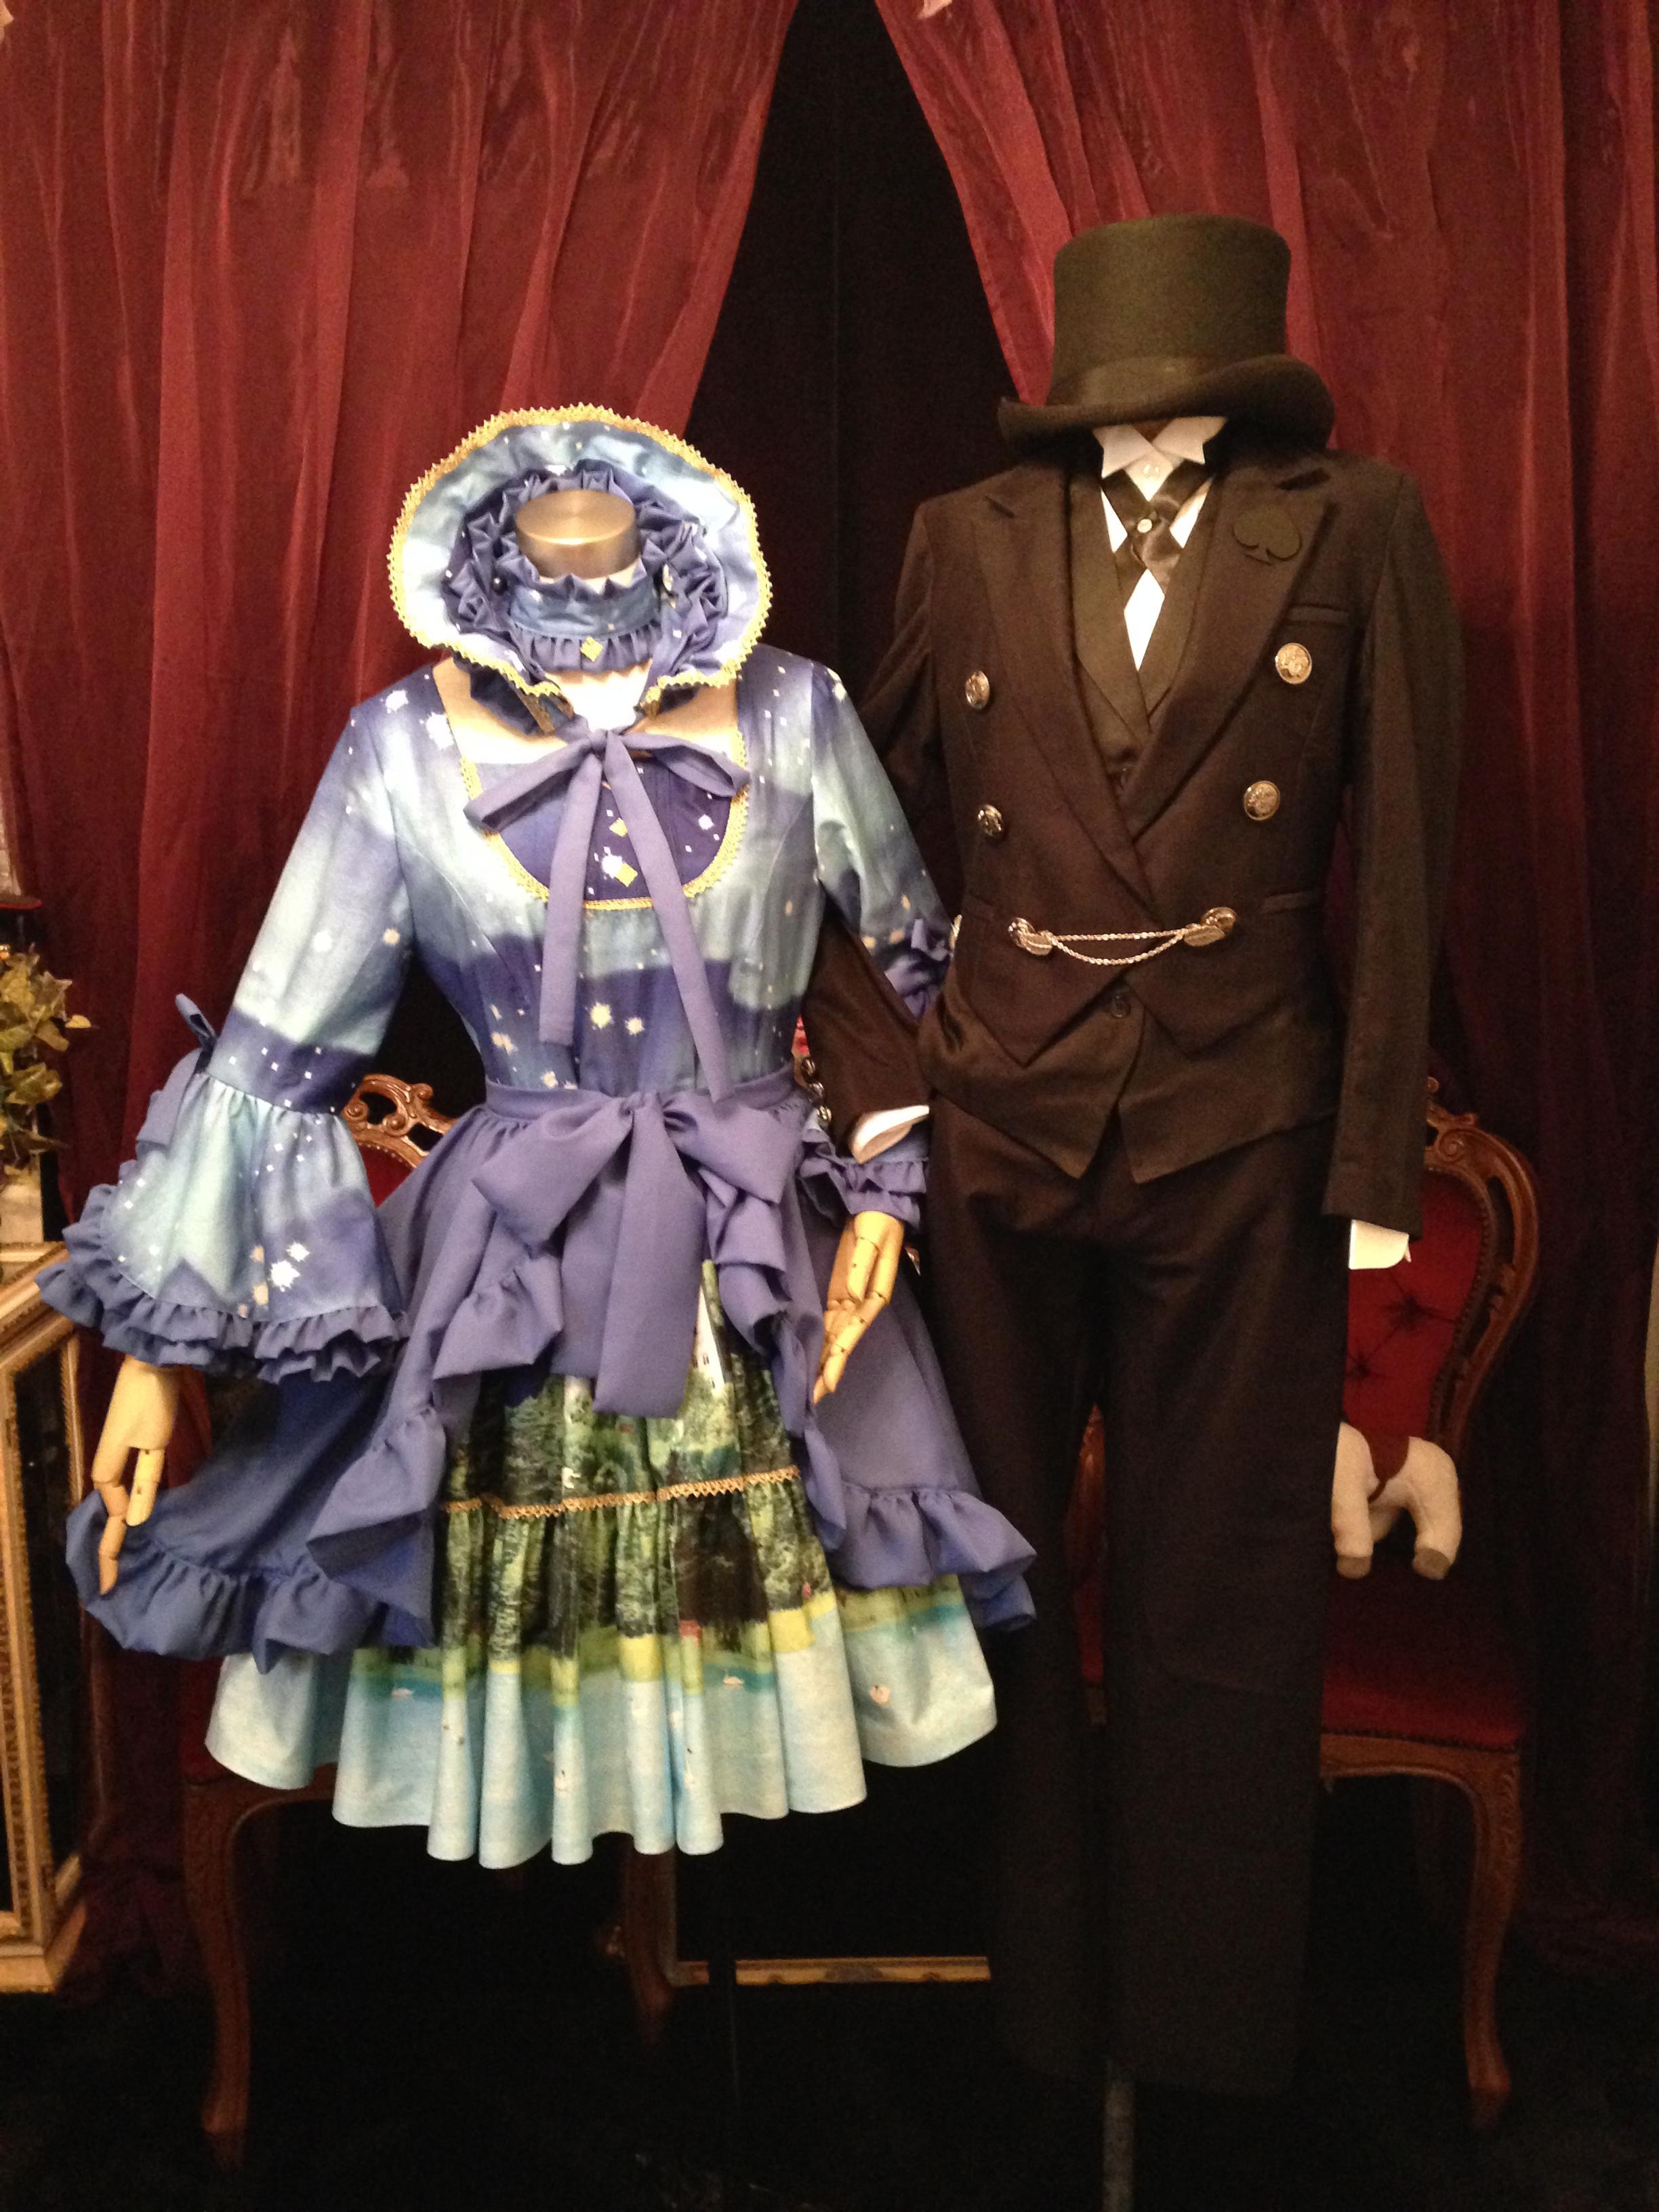 男装 ゴスロリ ロリータ ハロウィン コスプレ ドレス体験記念館 写真スタジオ 大阪